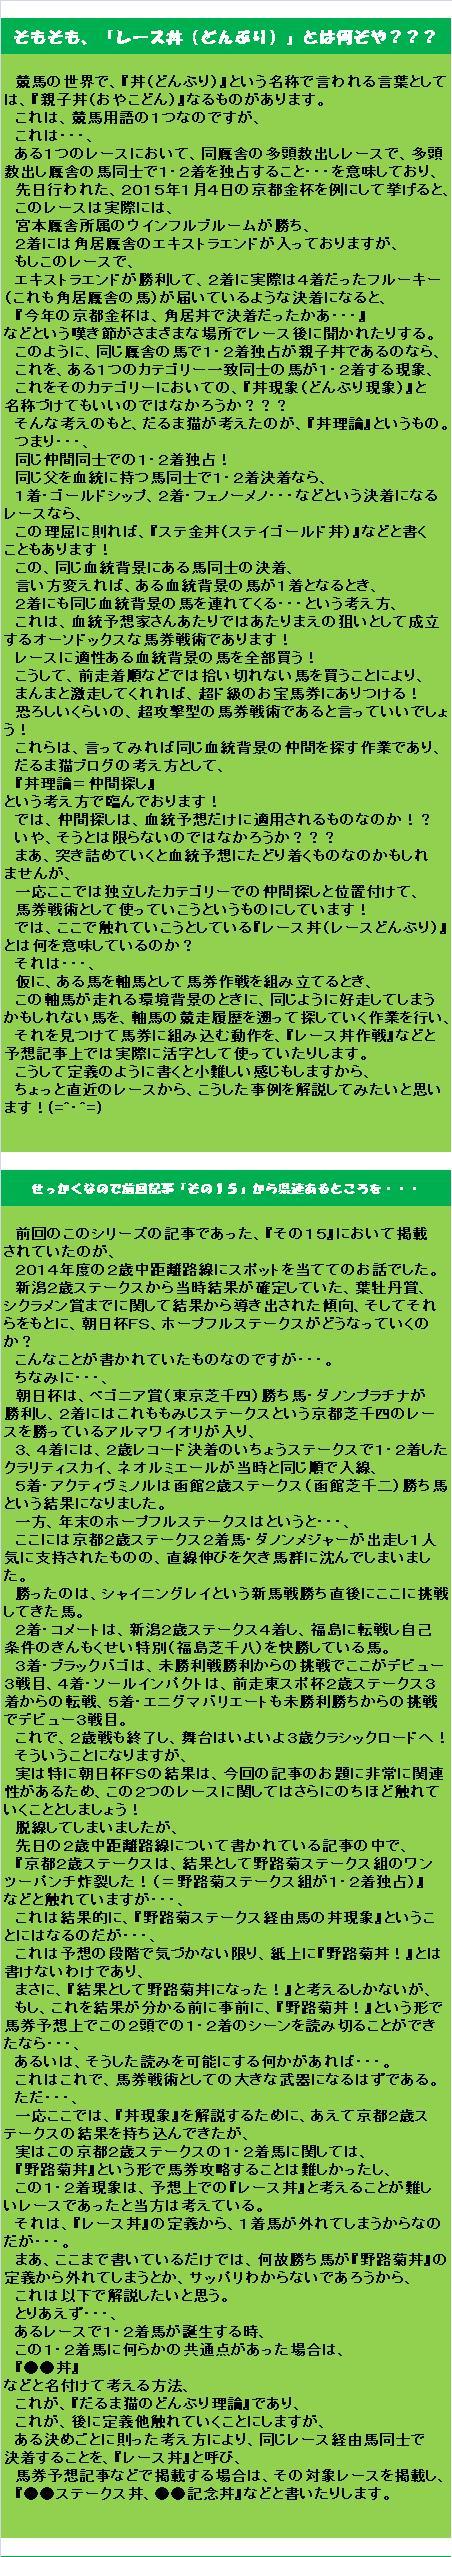 20150211・だるま猫の競馬理念・理論など(16)-②.jpg